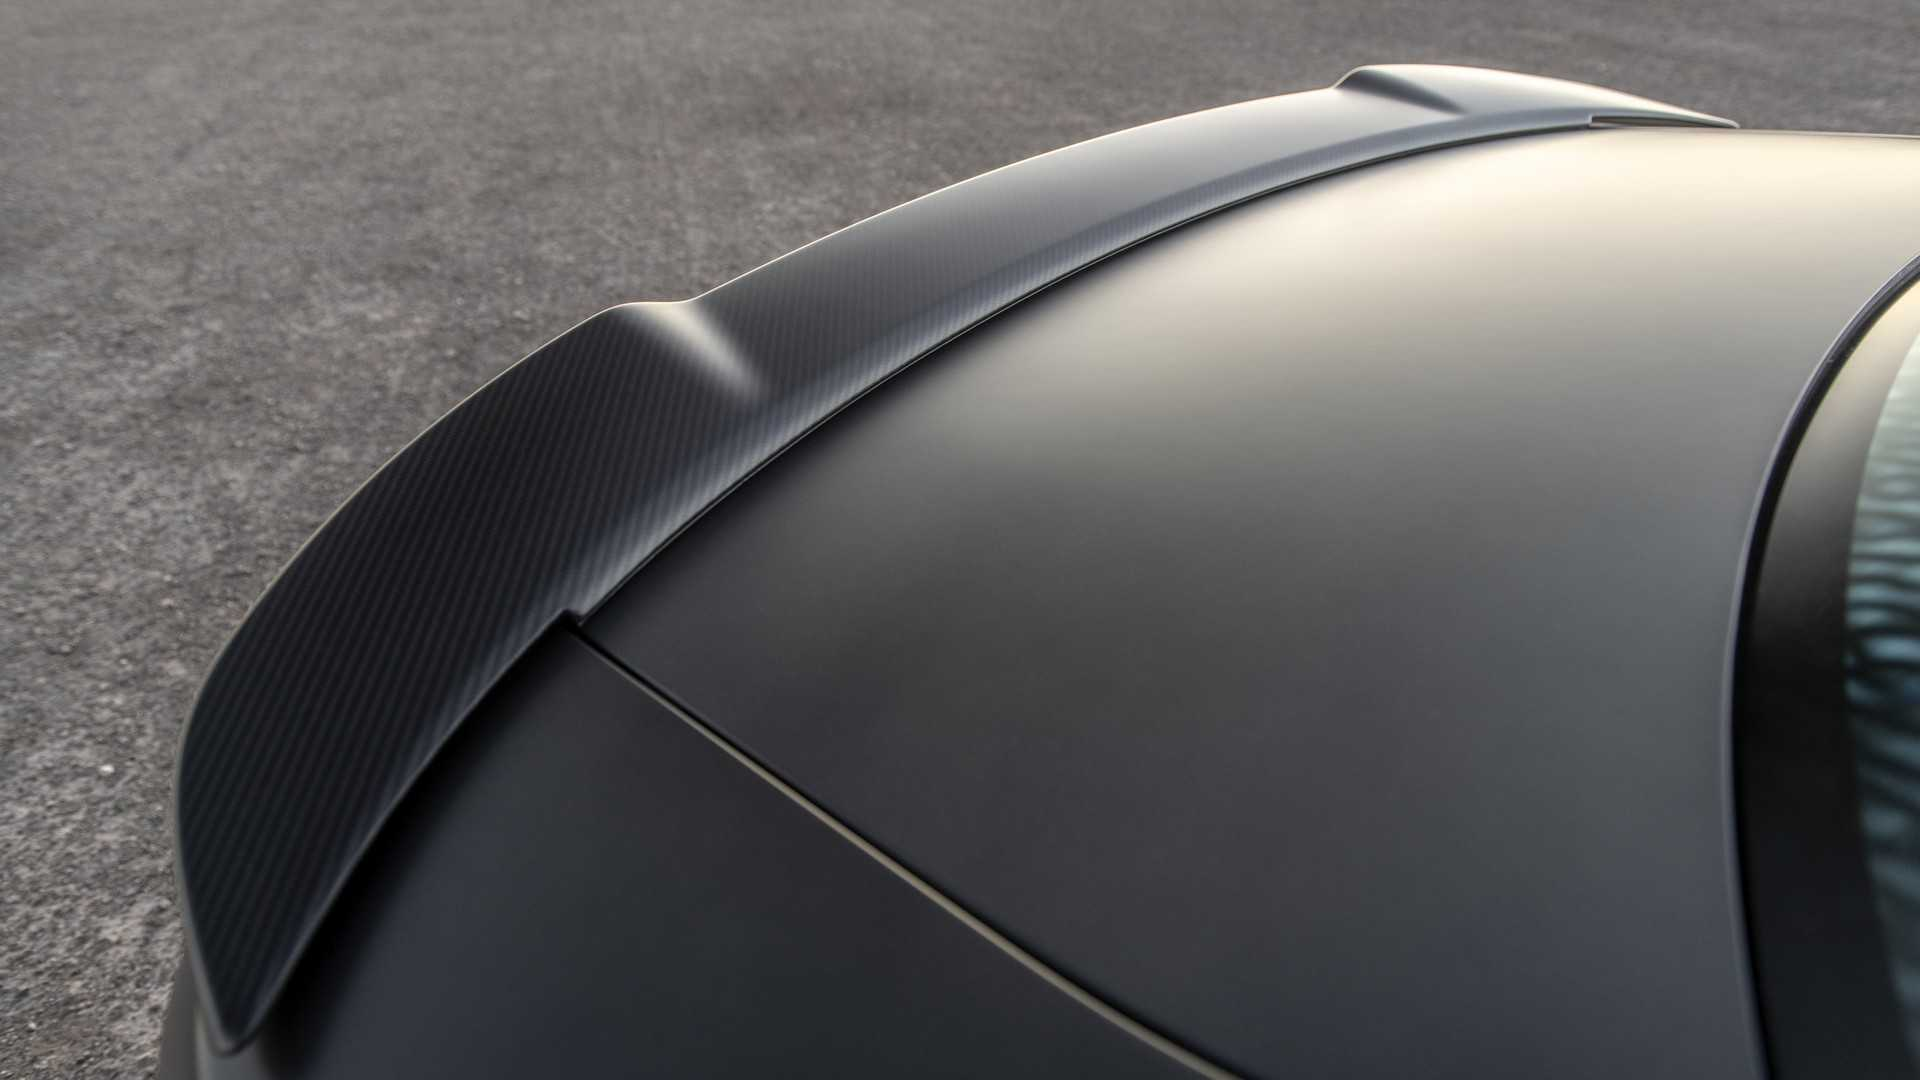 دودج تشارجر معدلة بقوة تضاهي بوجاتي شيرون! SpeedKore-Dodge-Charger-31.jpg